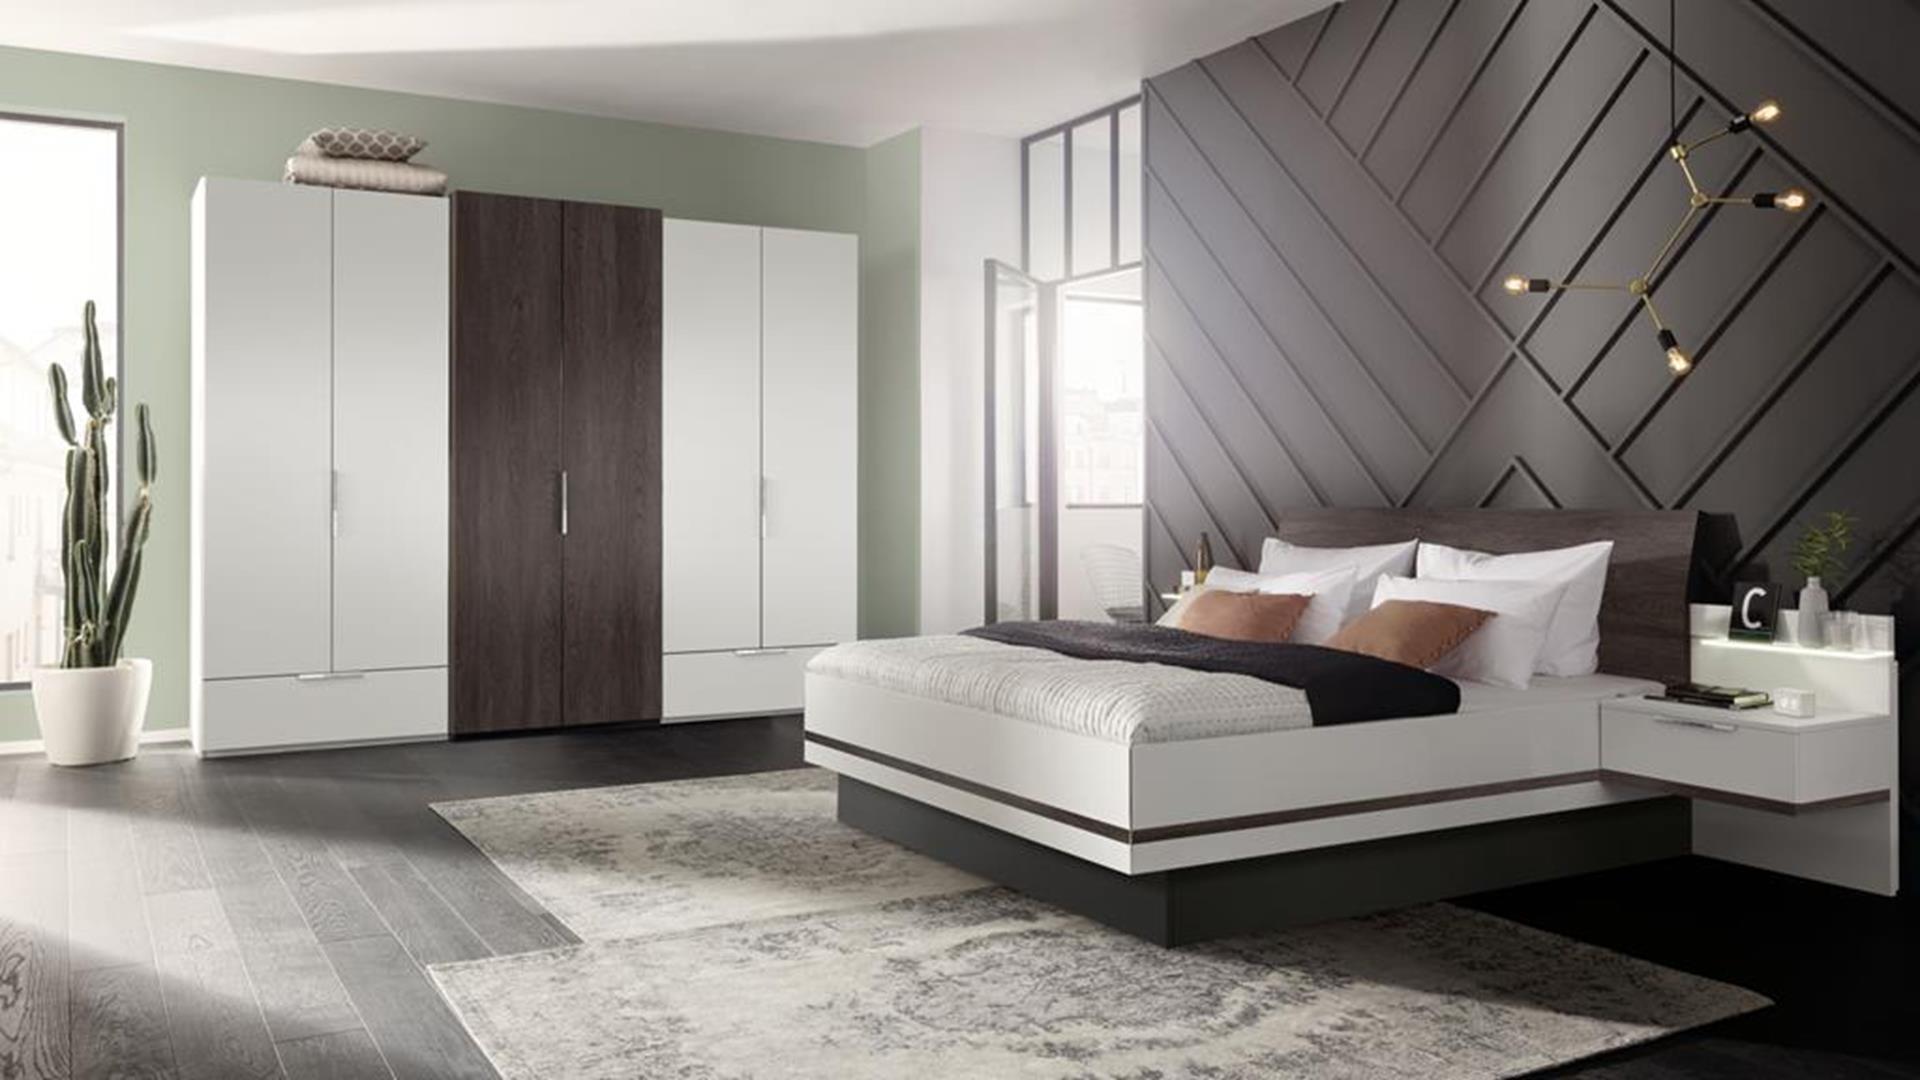 elegancka i nowoczesna sypialnia wyposażona w meble z 10 letnią gwarancją